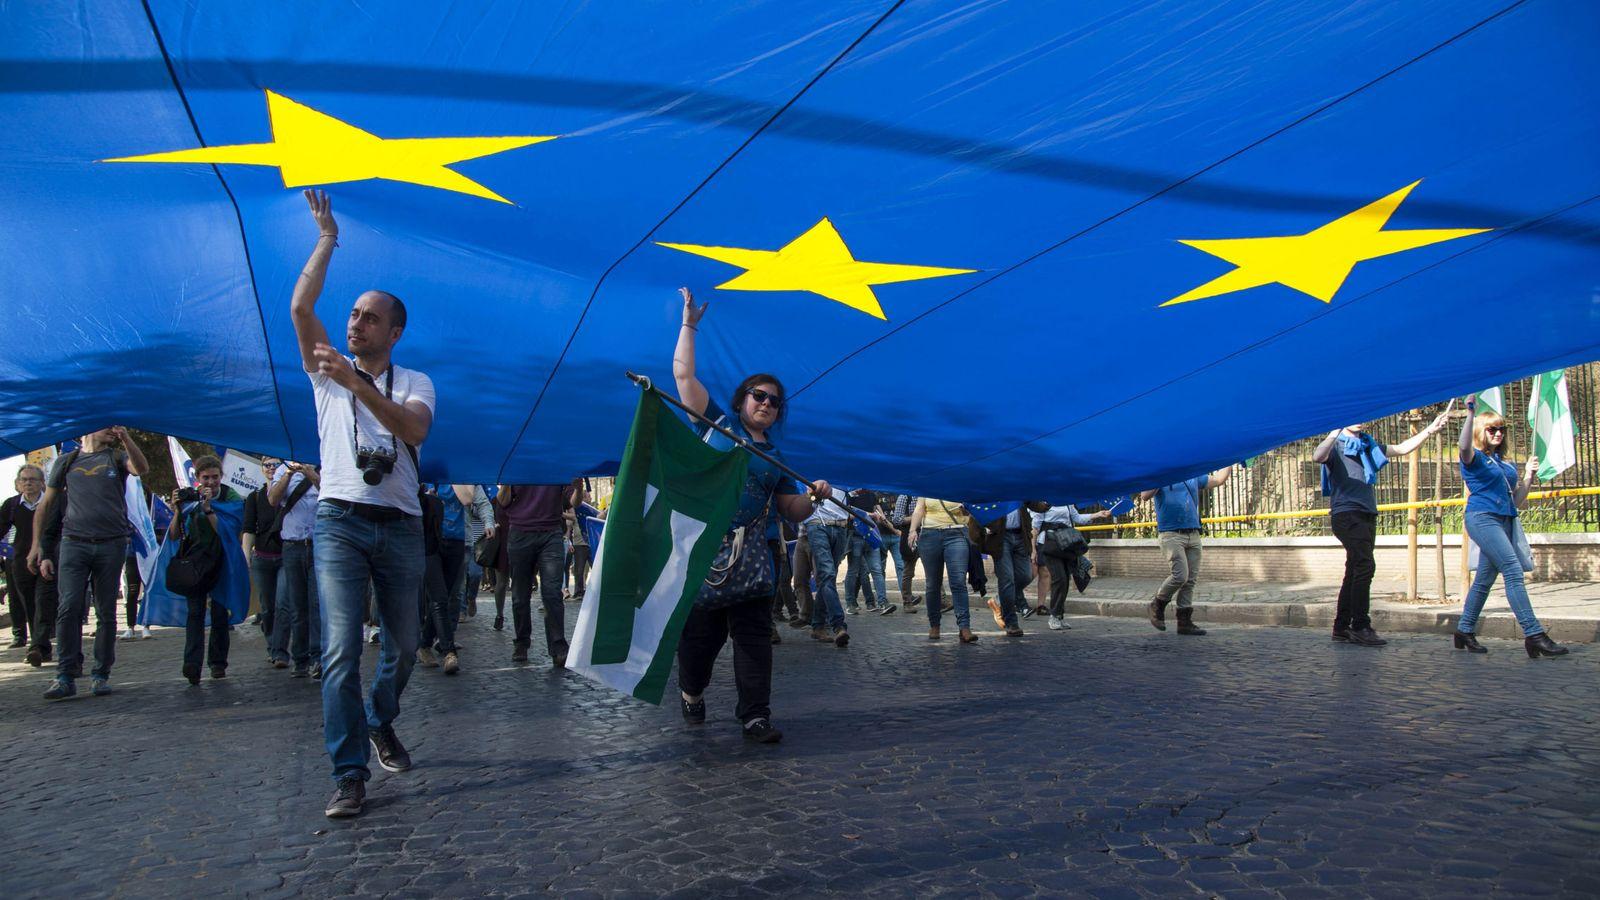 Foto: Miles de personas partidarios de la Unión Europea (UE) se manifiestan junto al Coliseo, en Roma. (EFE)